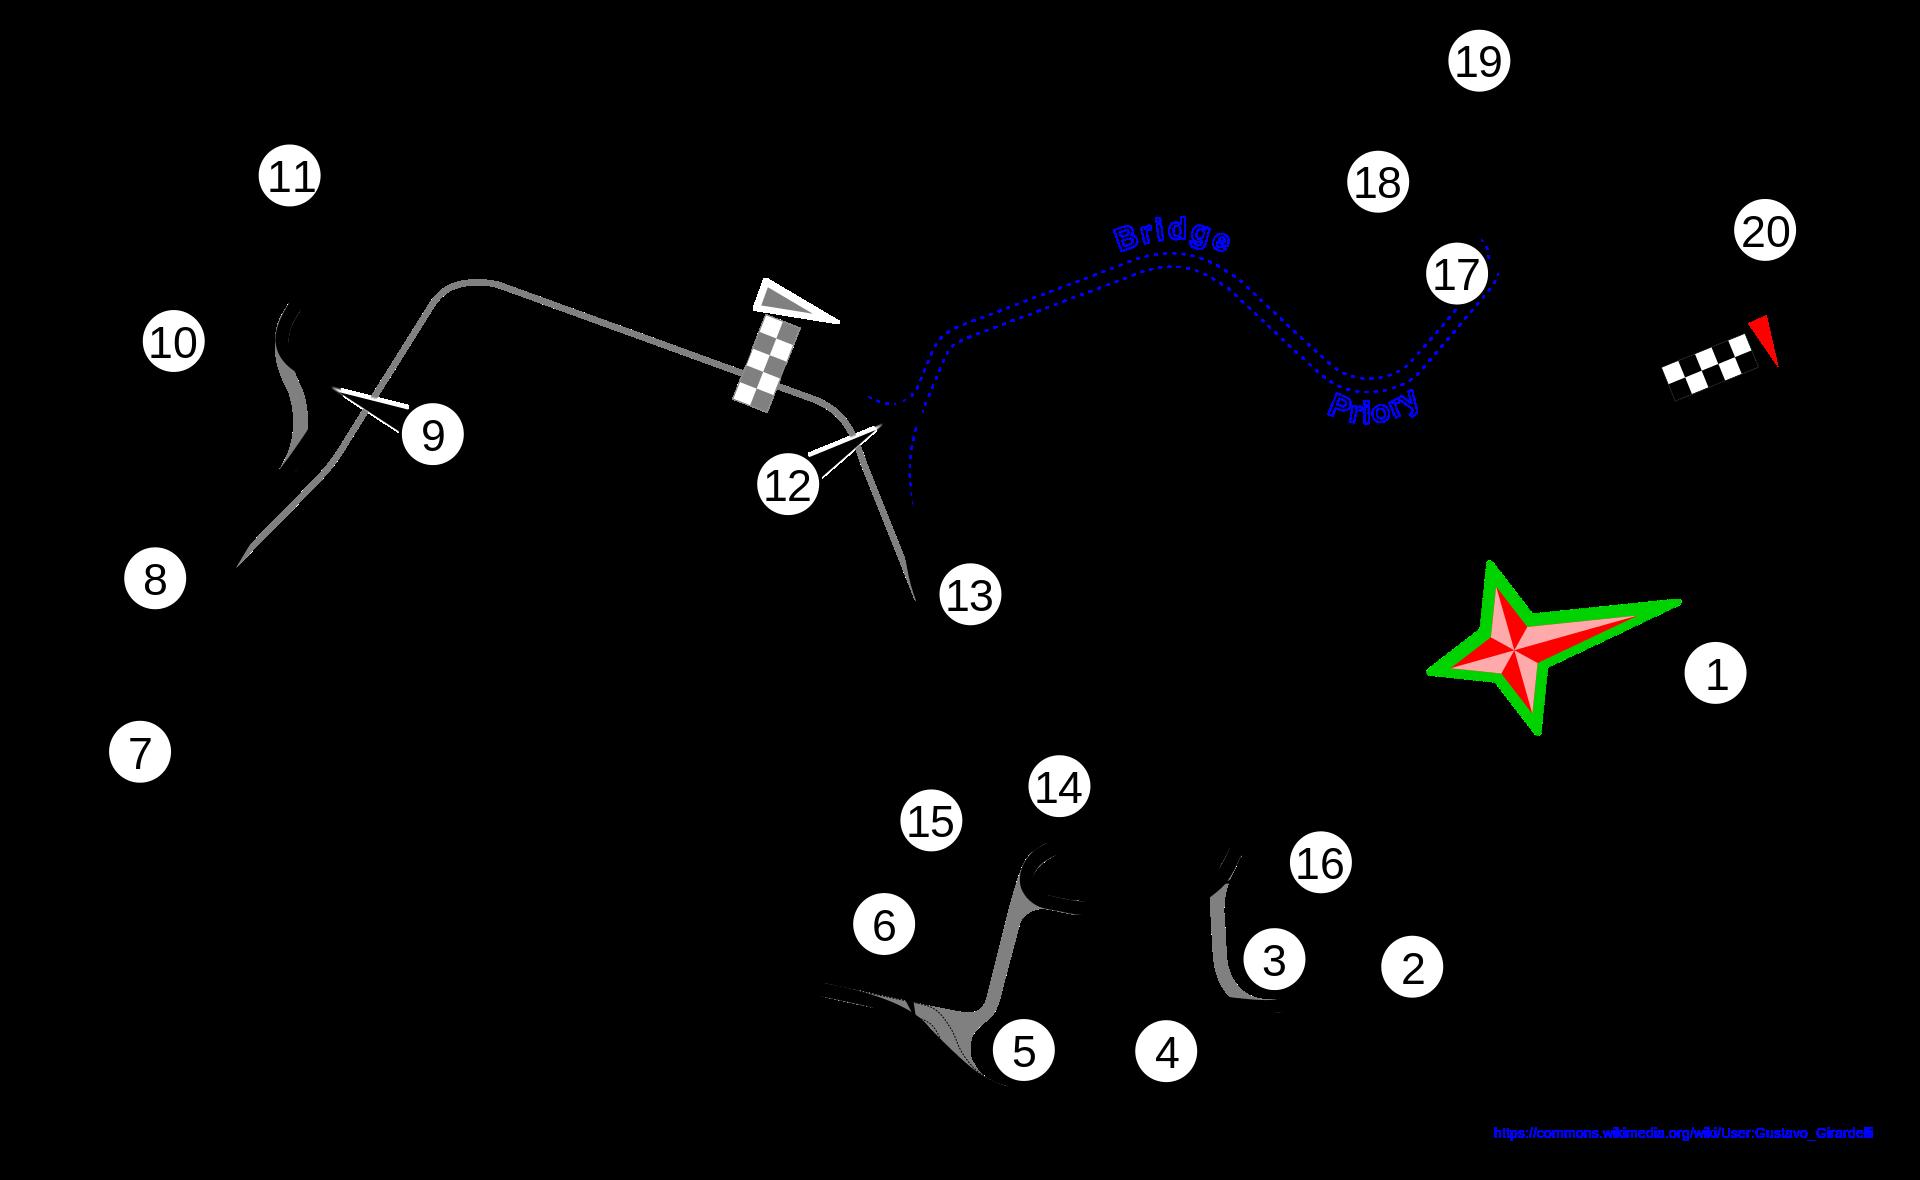 シルバーストーン コースレイアウト図